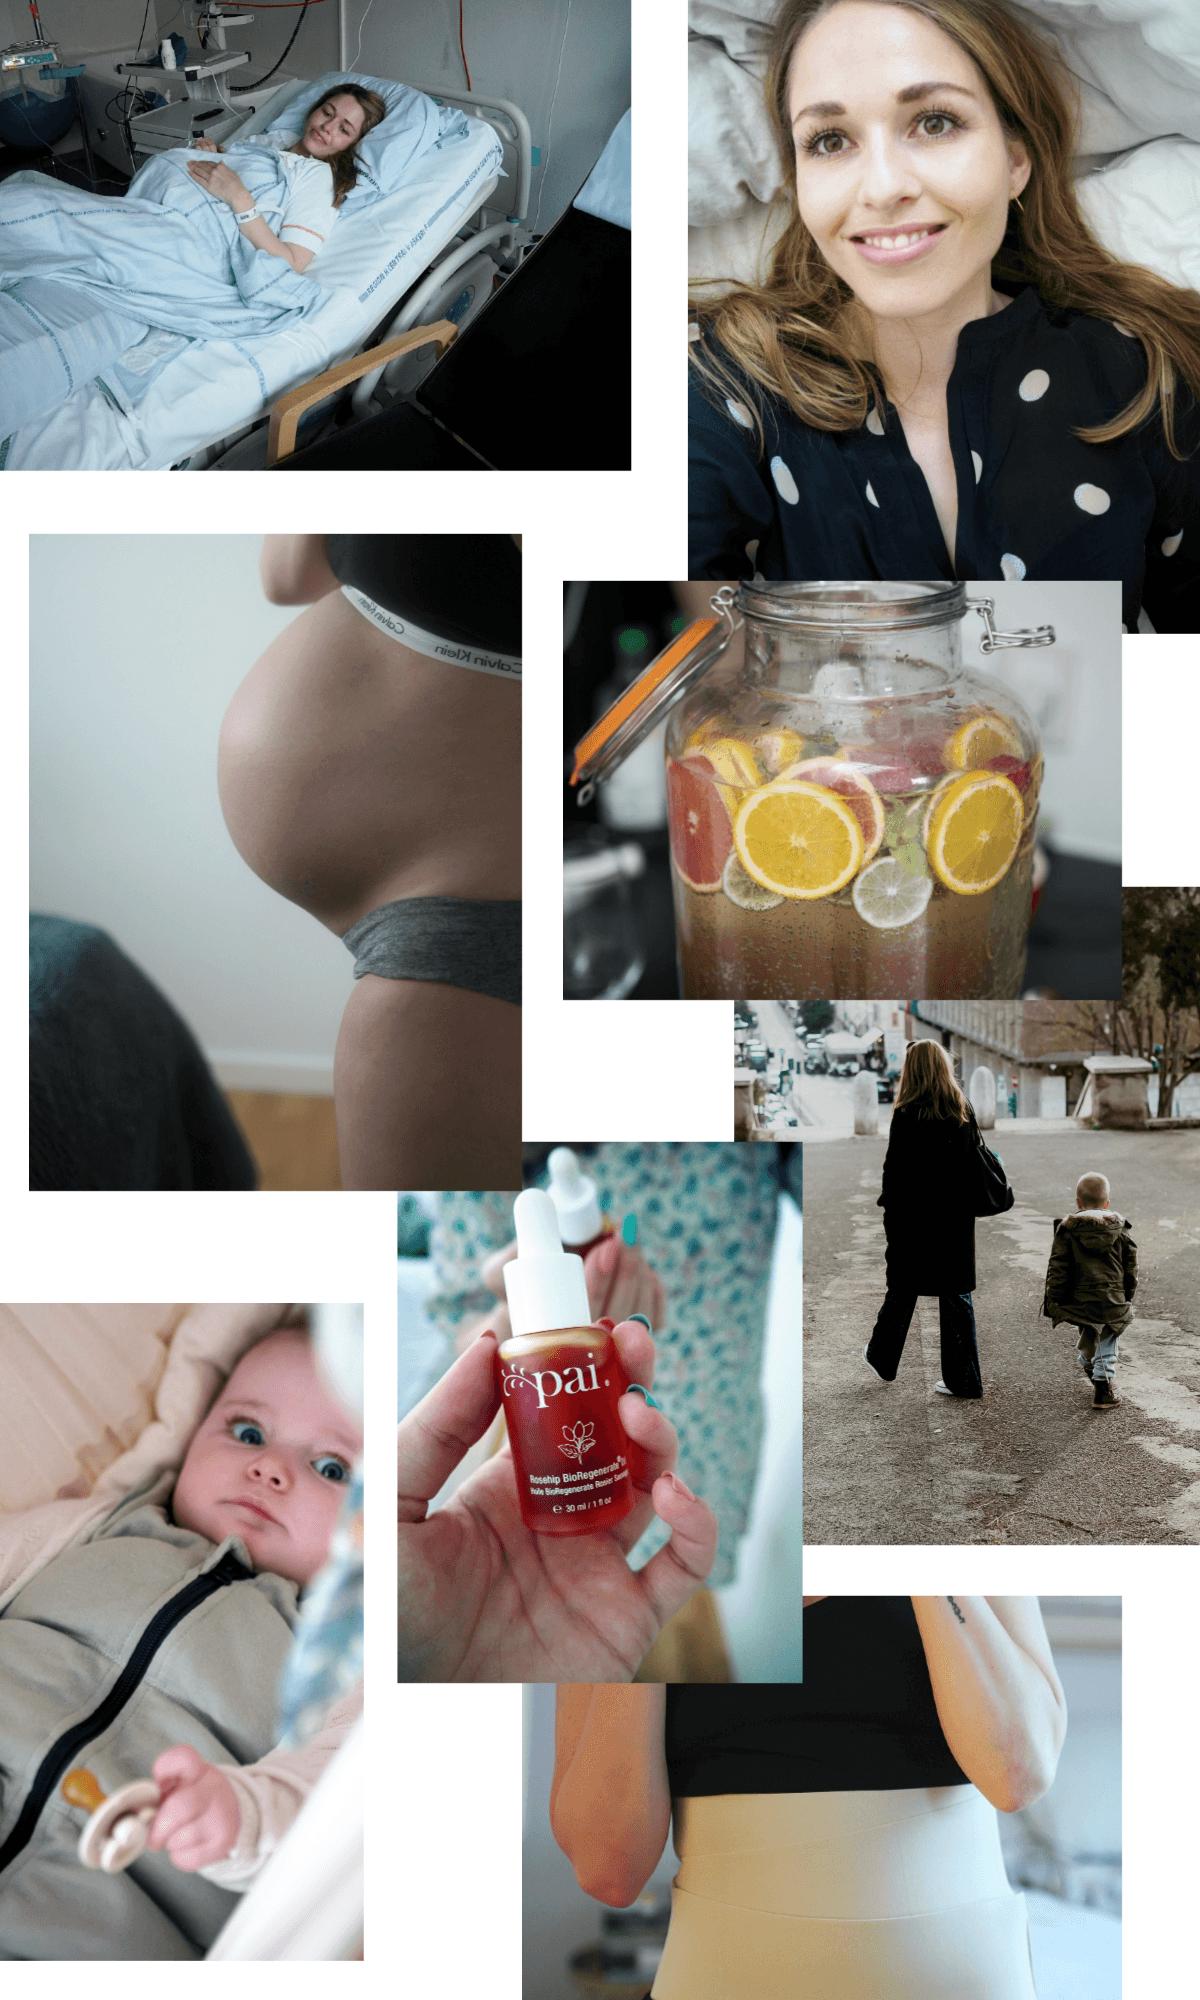 De 10 mest læste indlæg (godt nytår) 1